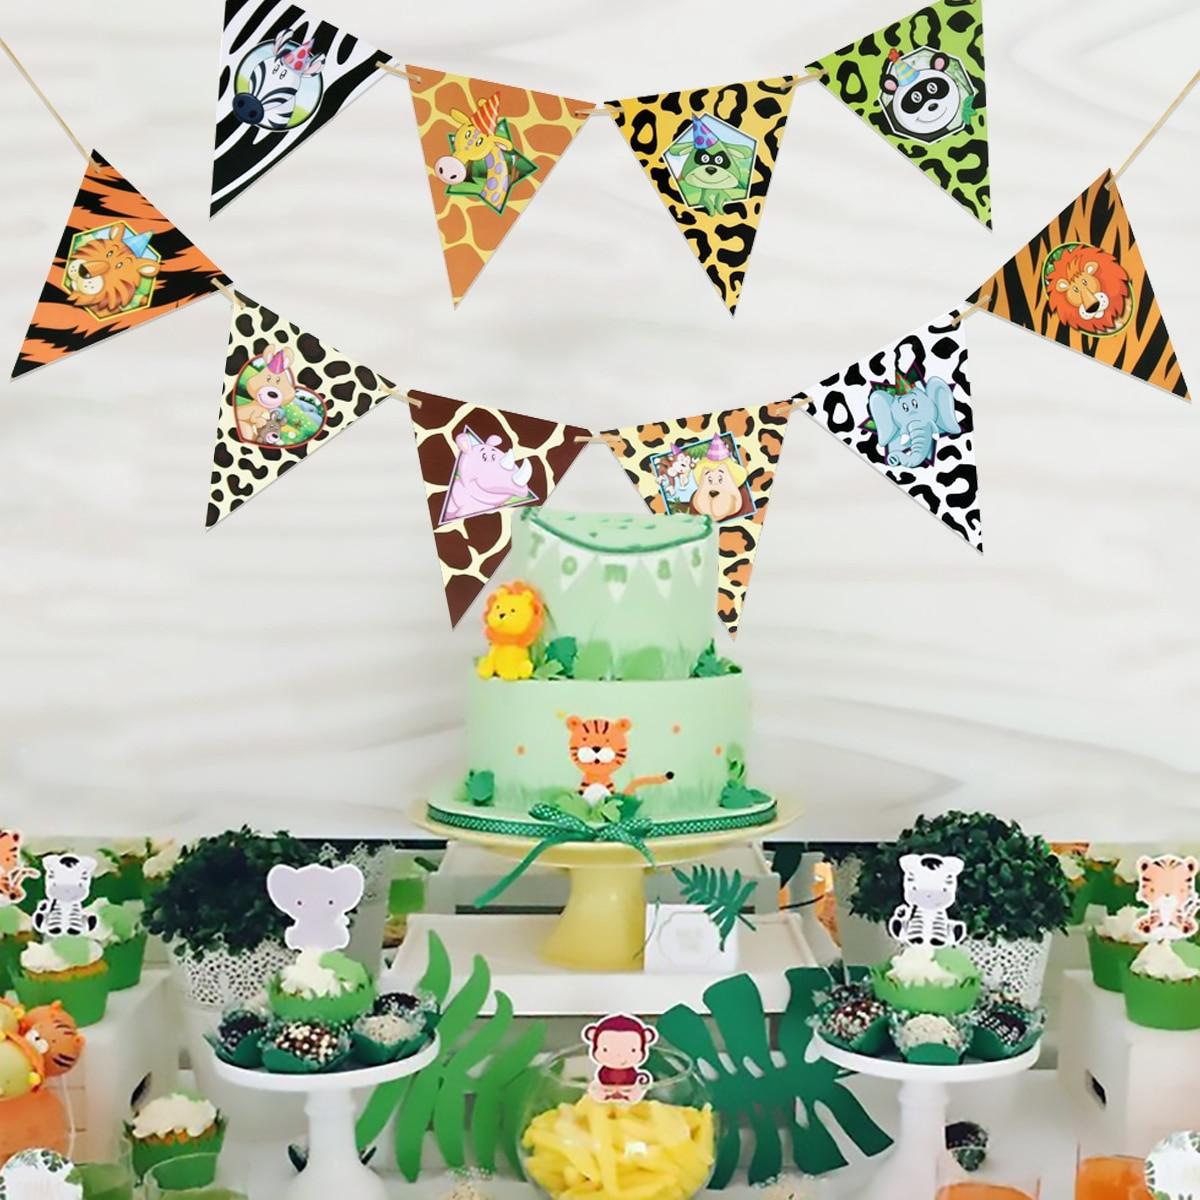 Safari festa de aniversário animais selva banner bolo toppers cupcake decoração feliz aniversário decorações festa de aniversário crianças favores menino